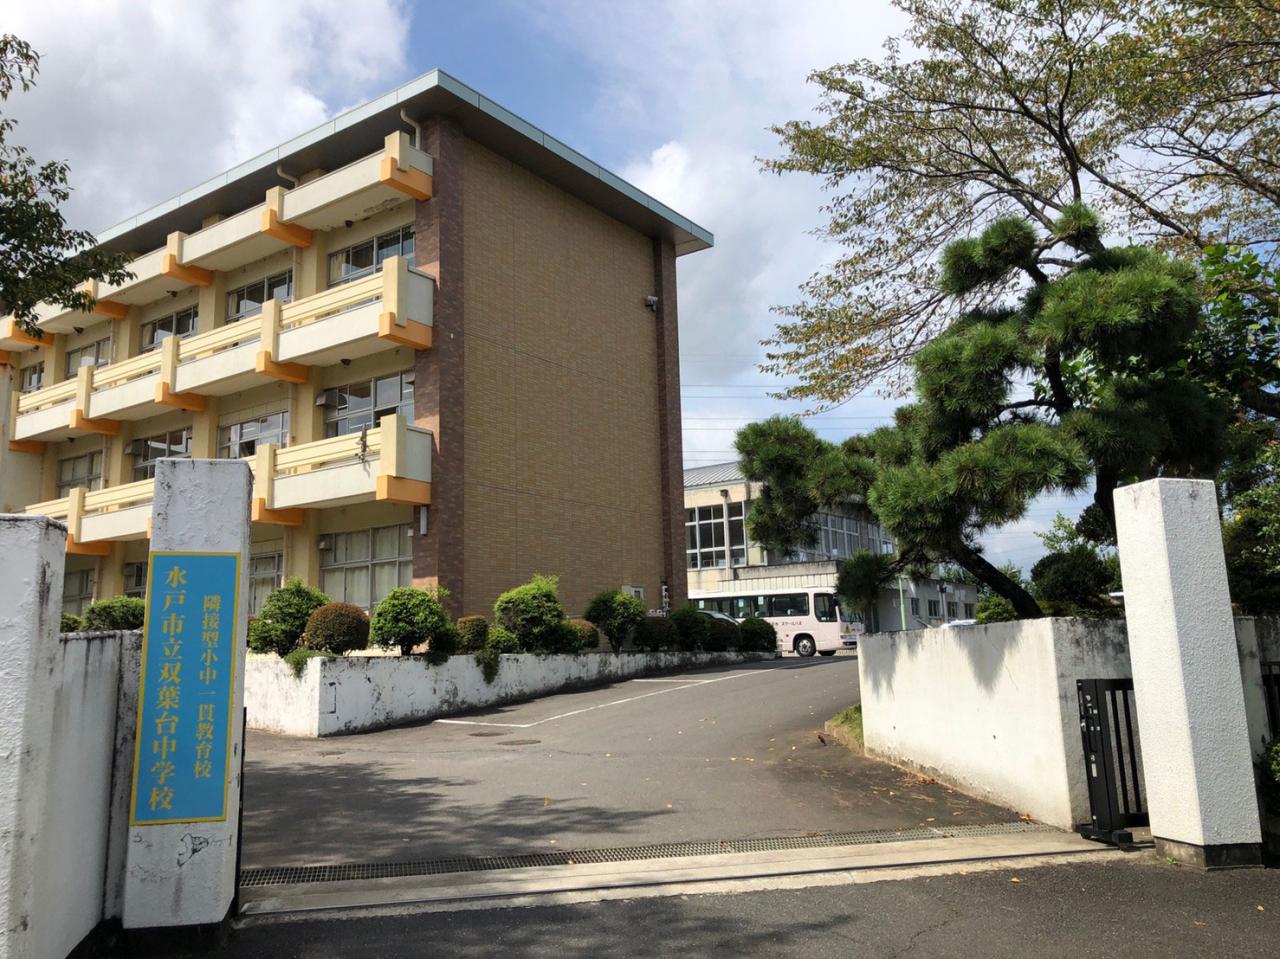 水戸市立双葉台中学校